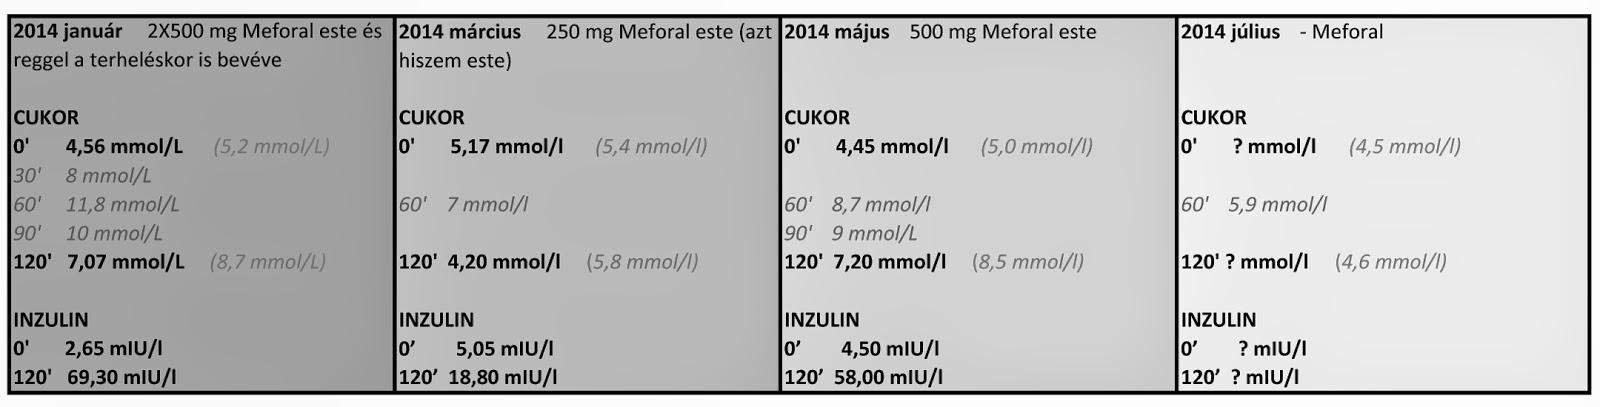 Merckformin fogyás | a merckformin xr mg retard tabletta fehér vagy